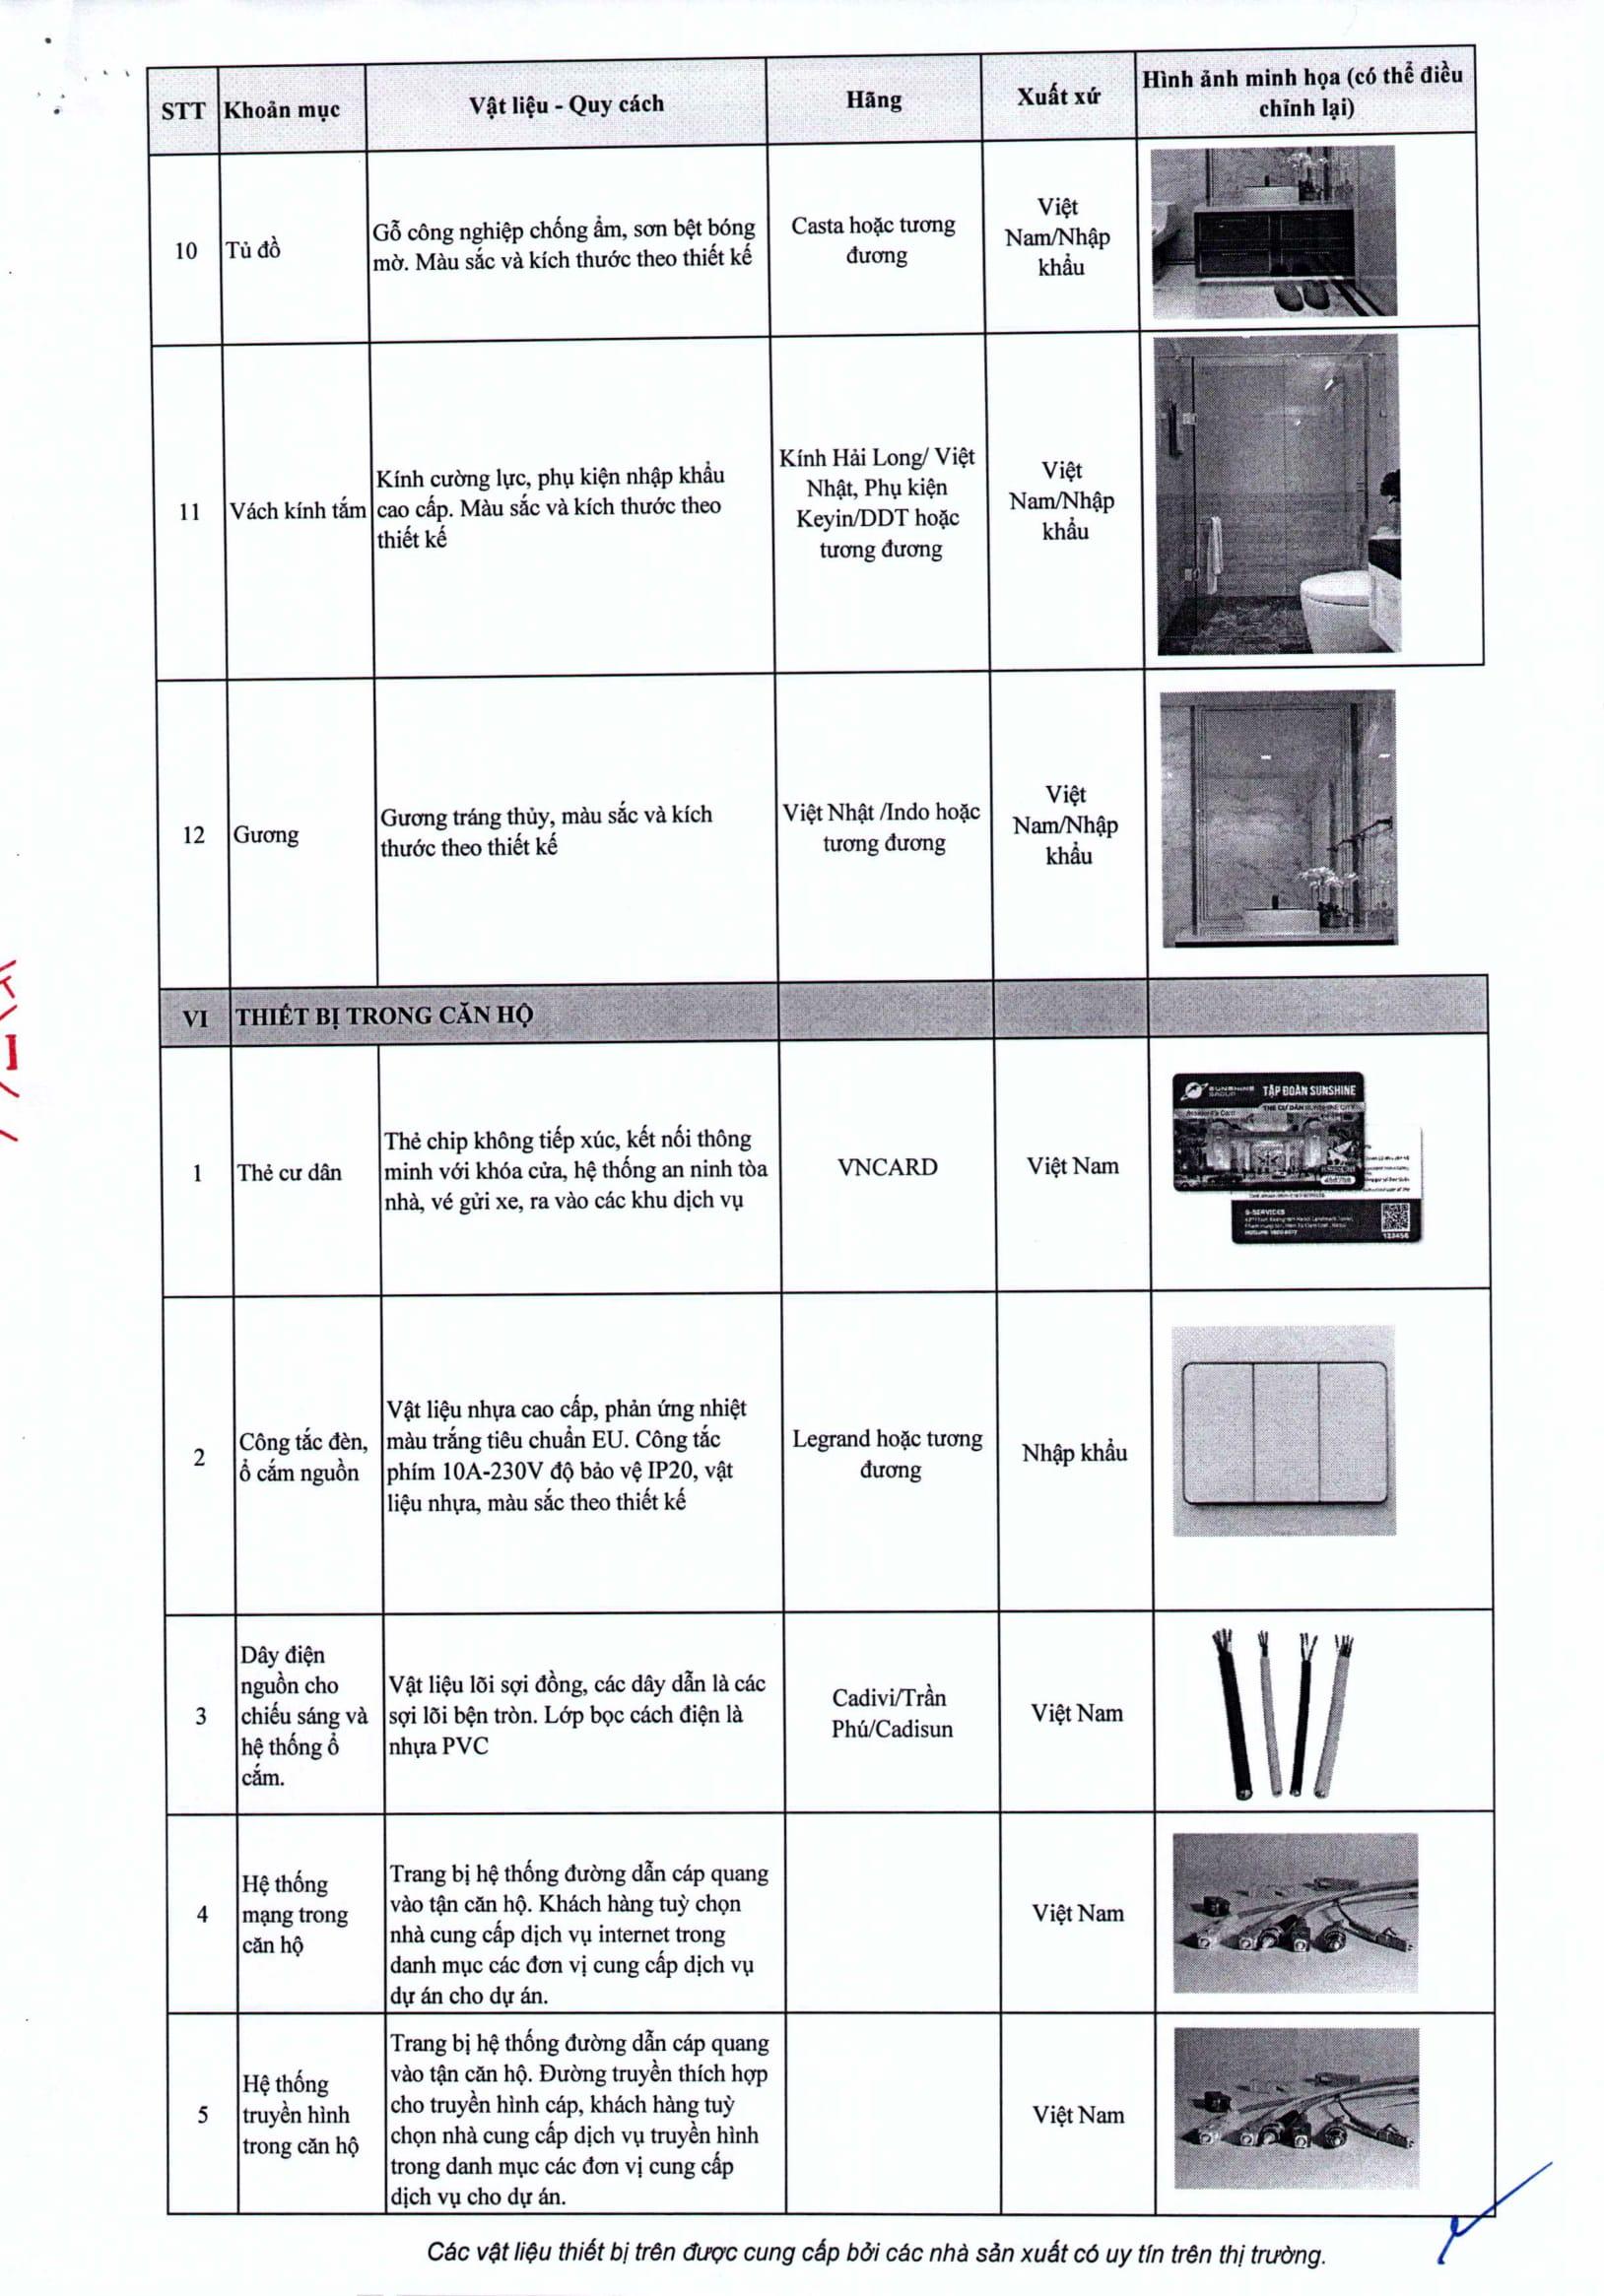 Danh mục vật liệu và trang thiết bị bên trong căn hộ Sunshine City-7